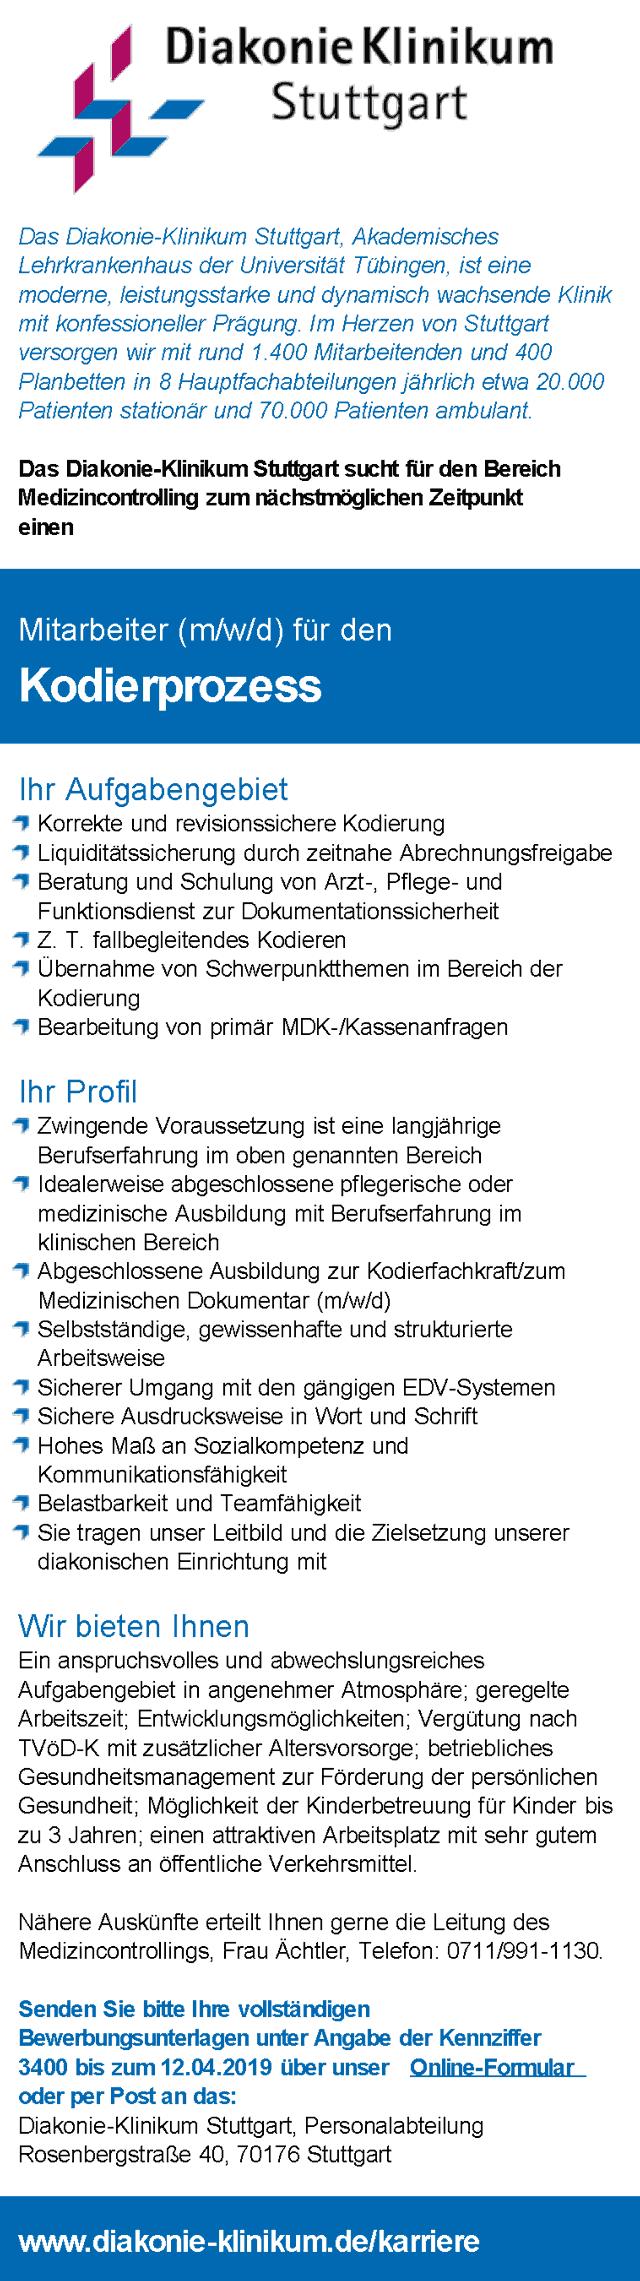 Diakonie-Klinikum Stuttgart: Mitarbeiter Kodierprozess (m/w/d)